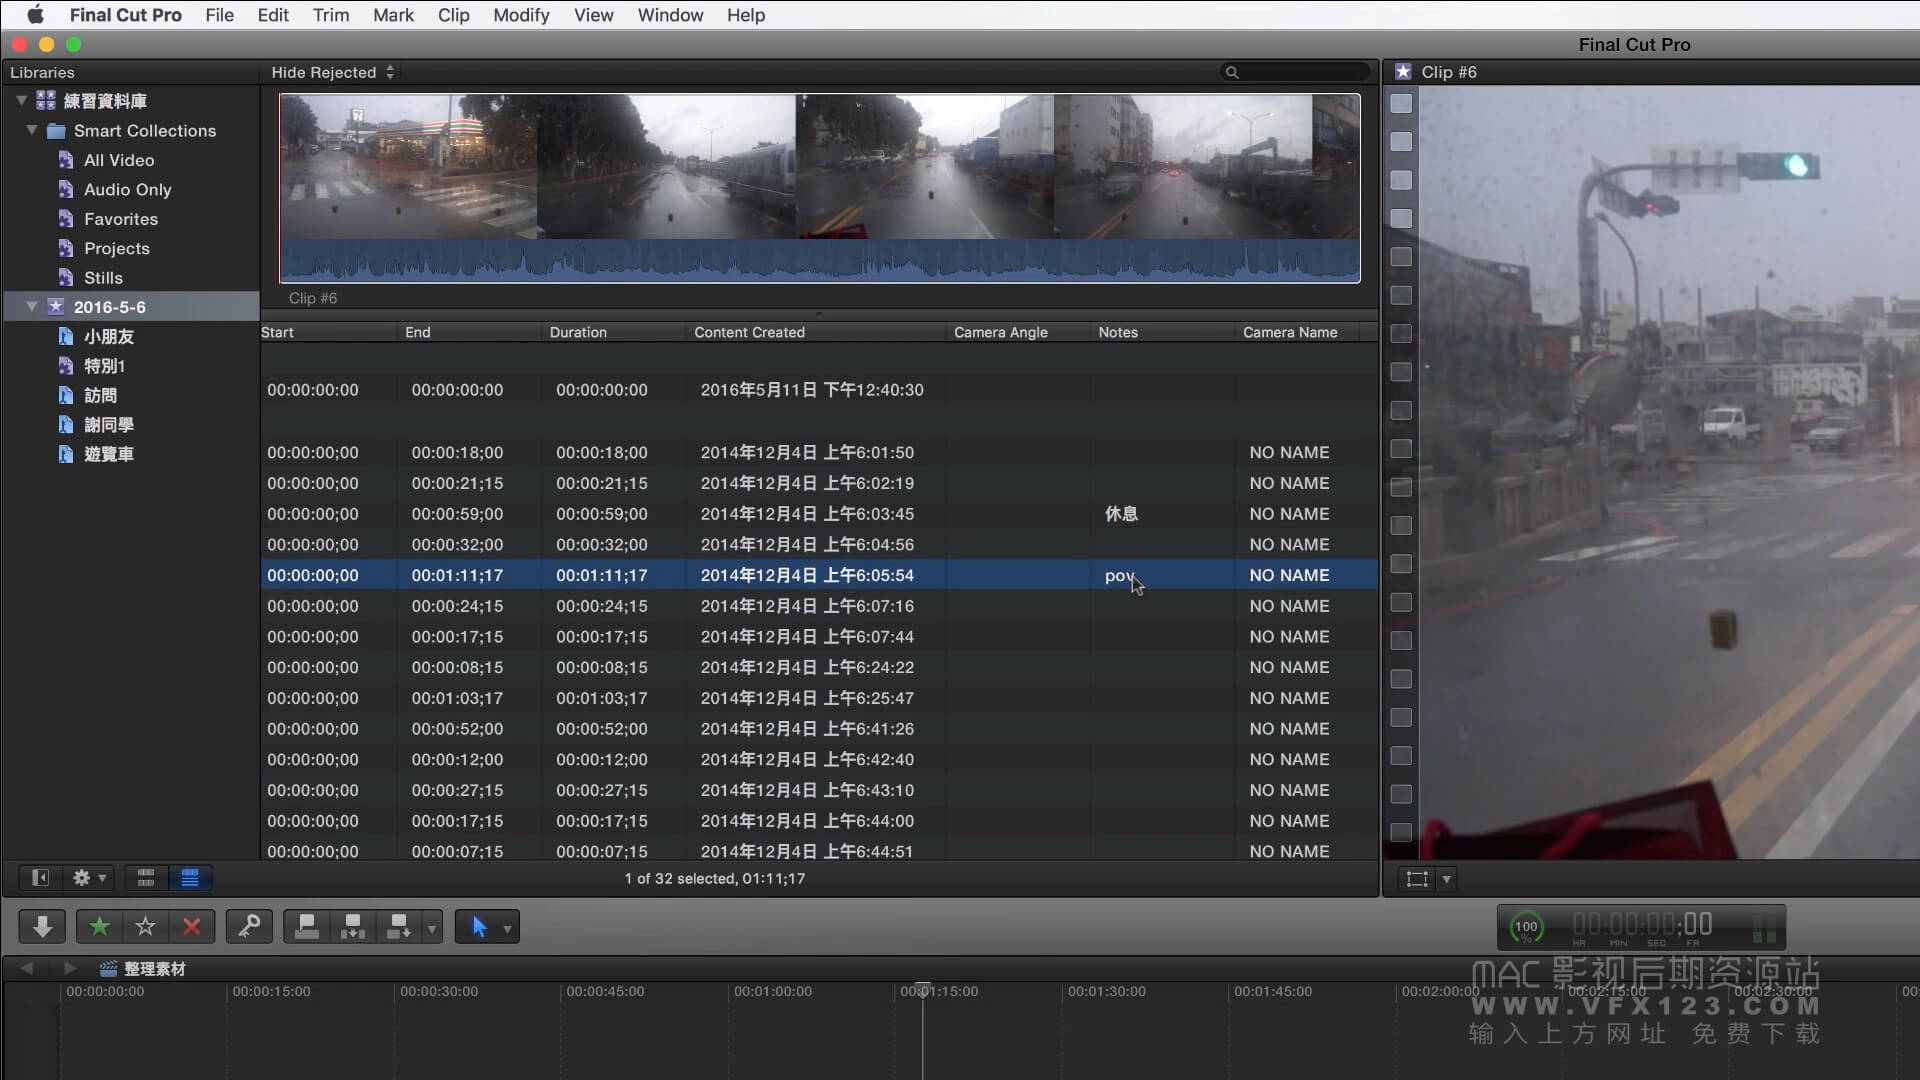 第6课: Final Cut Pro X 如何搜索素材? 丨FCPX中文视频教程